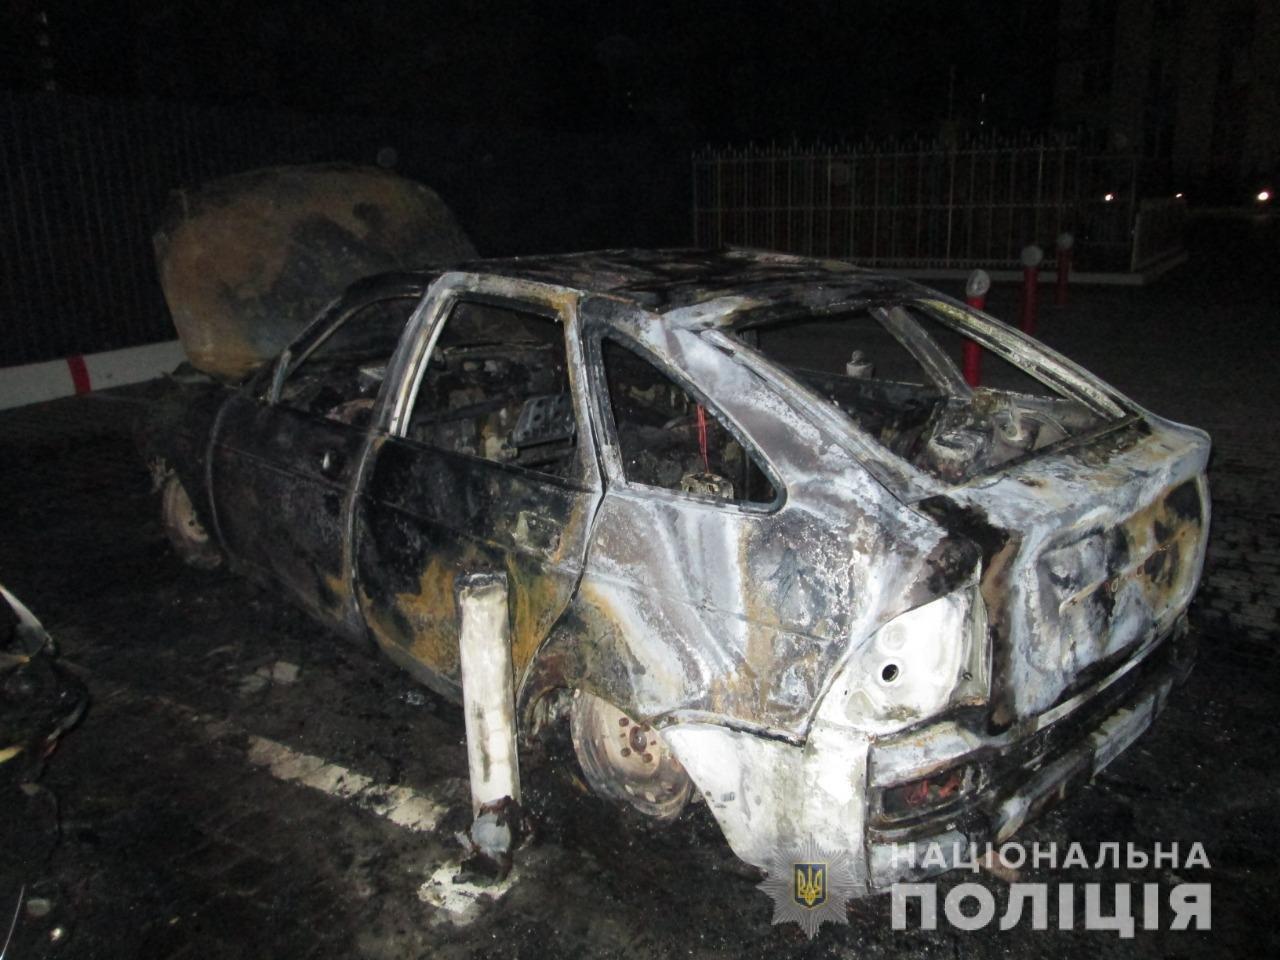 В Харькове во дворе жилого дома подожгли автомобили «ВАЗ» и «Honda», - ФОТО, ВИДЕО, фото-3